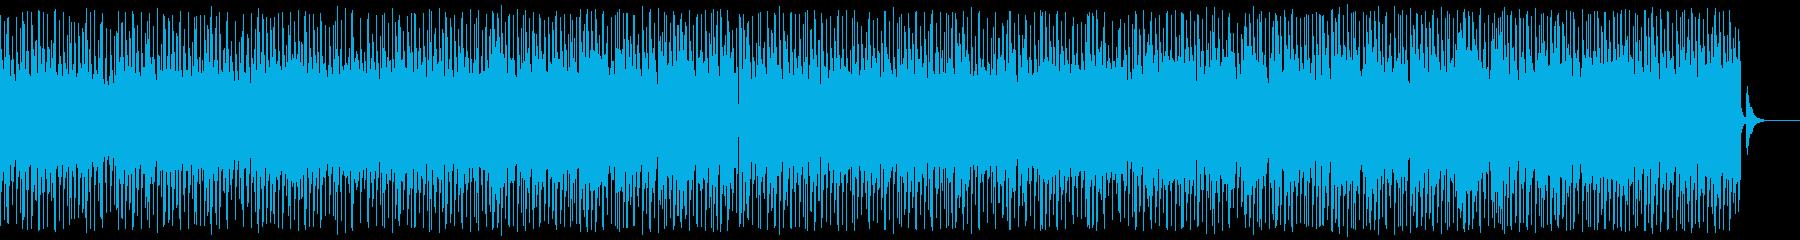 ウキウキ楽しく可愛いウクレレの再生済みの波形